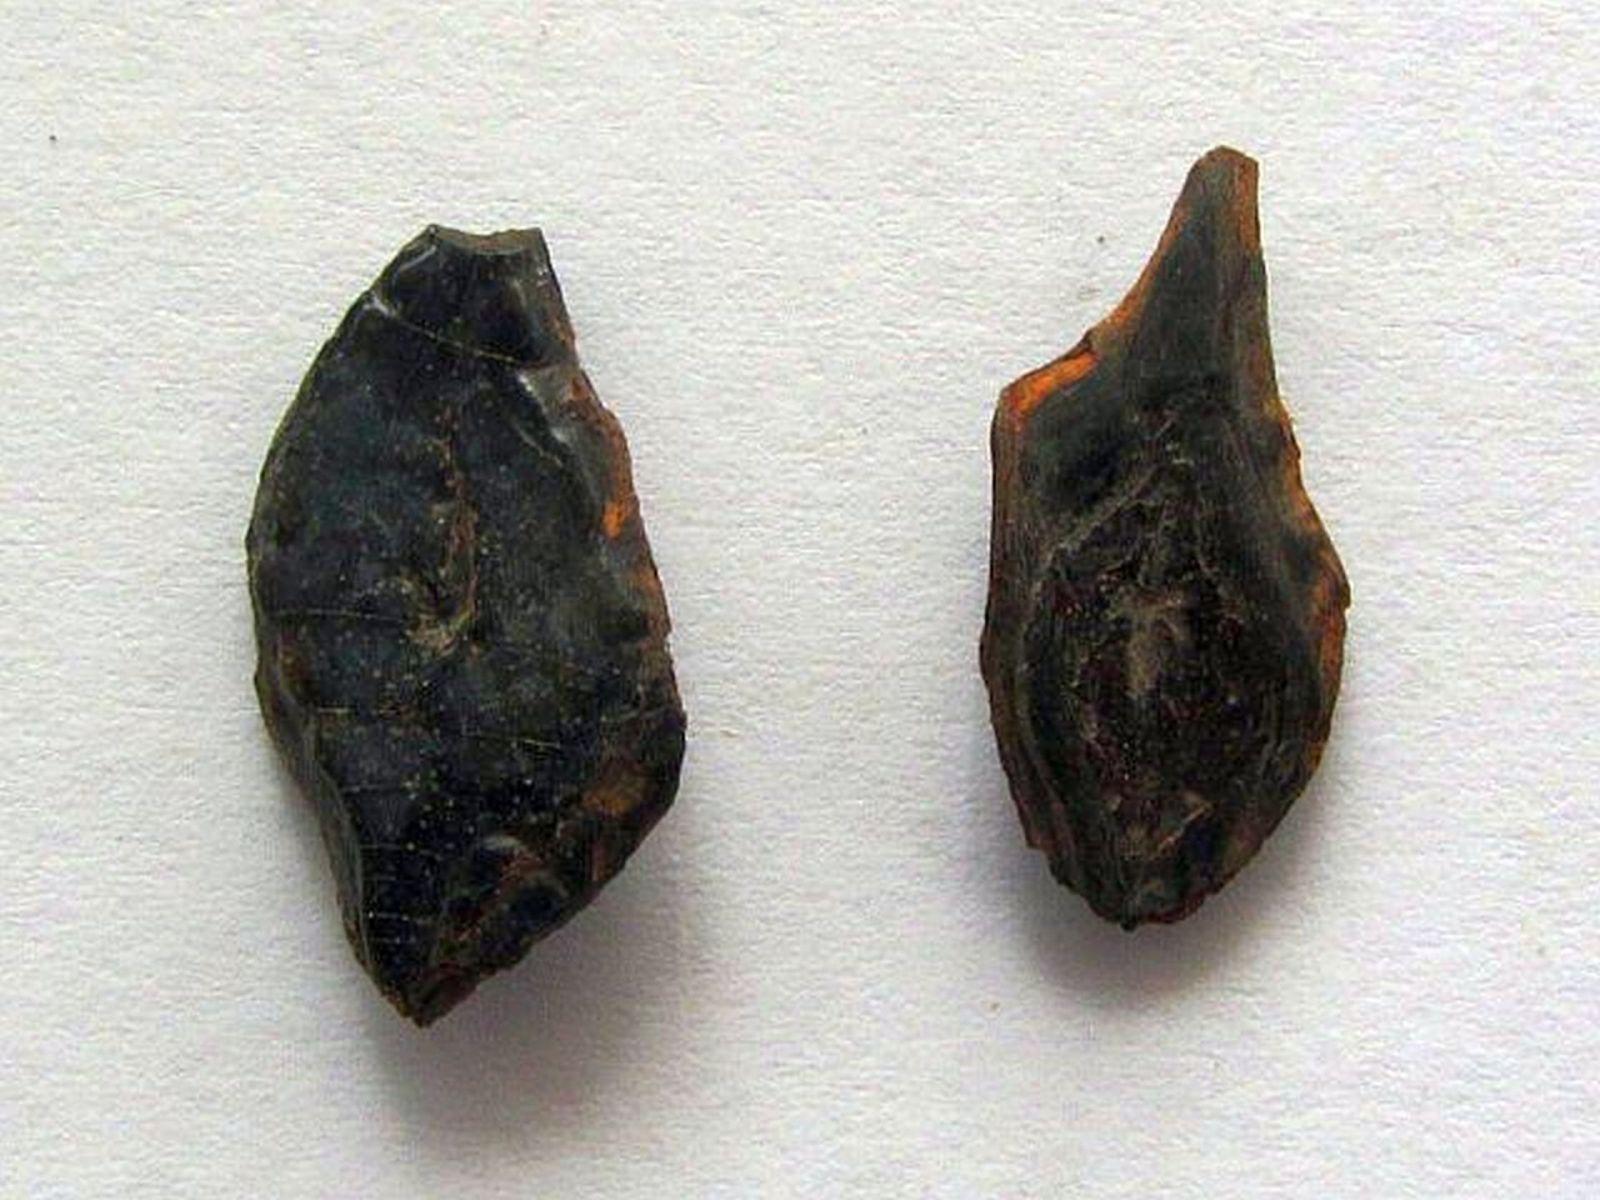 Lepisosteus sp.? (Lacepede 1803)